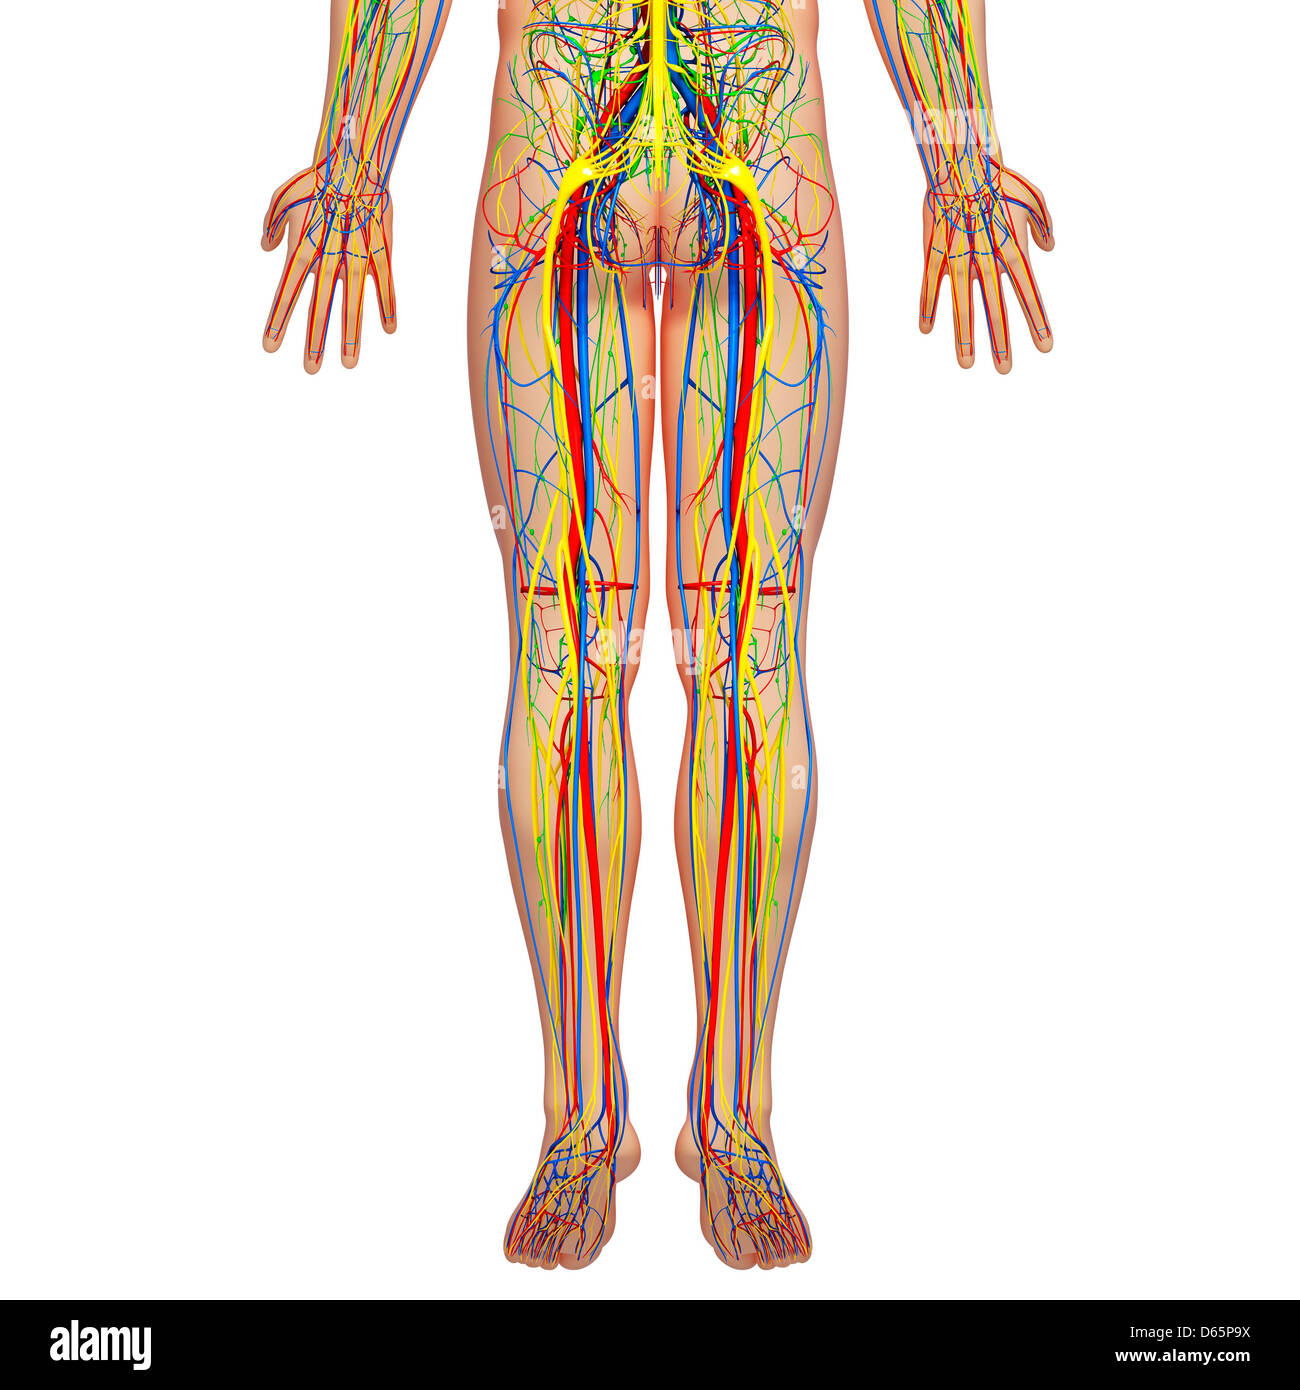 Großartig Facettengelenke Anatomie Bilder - Menschliche Anatomie ...